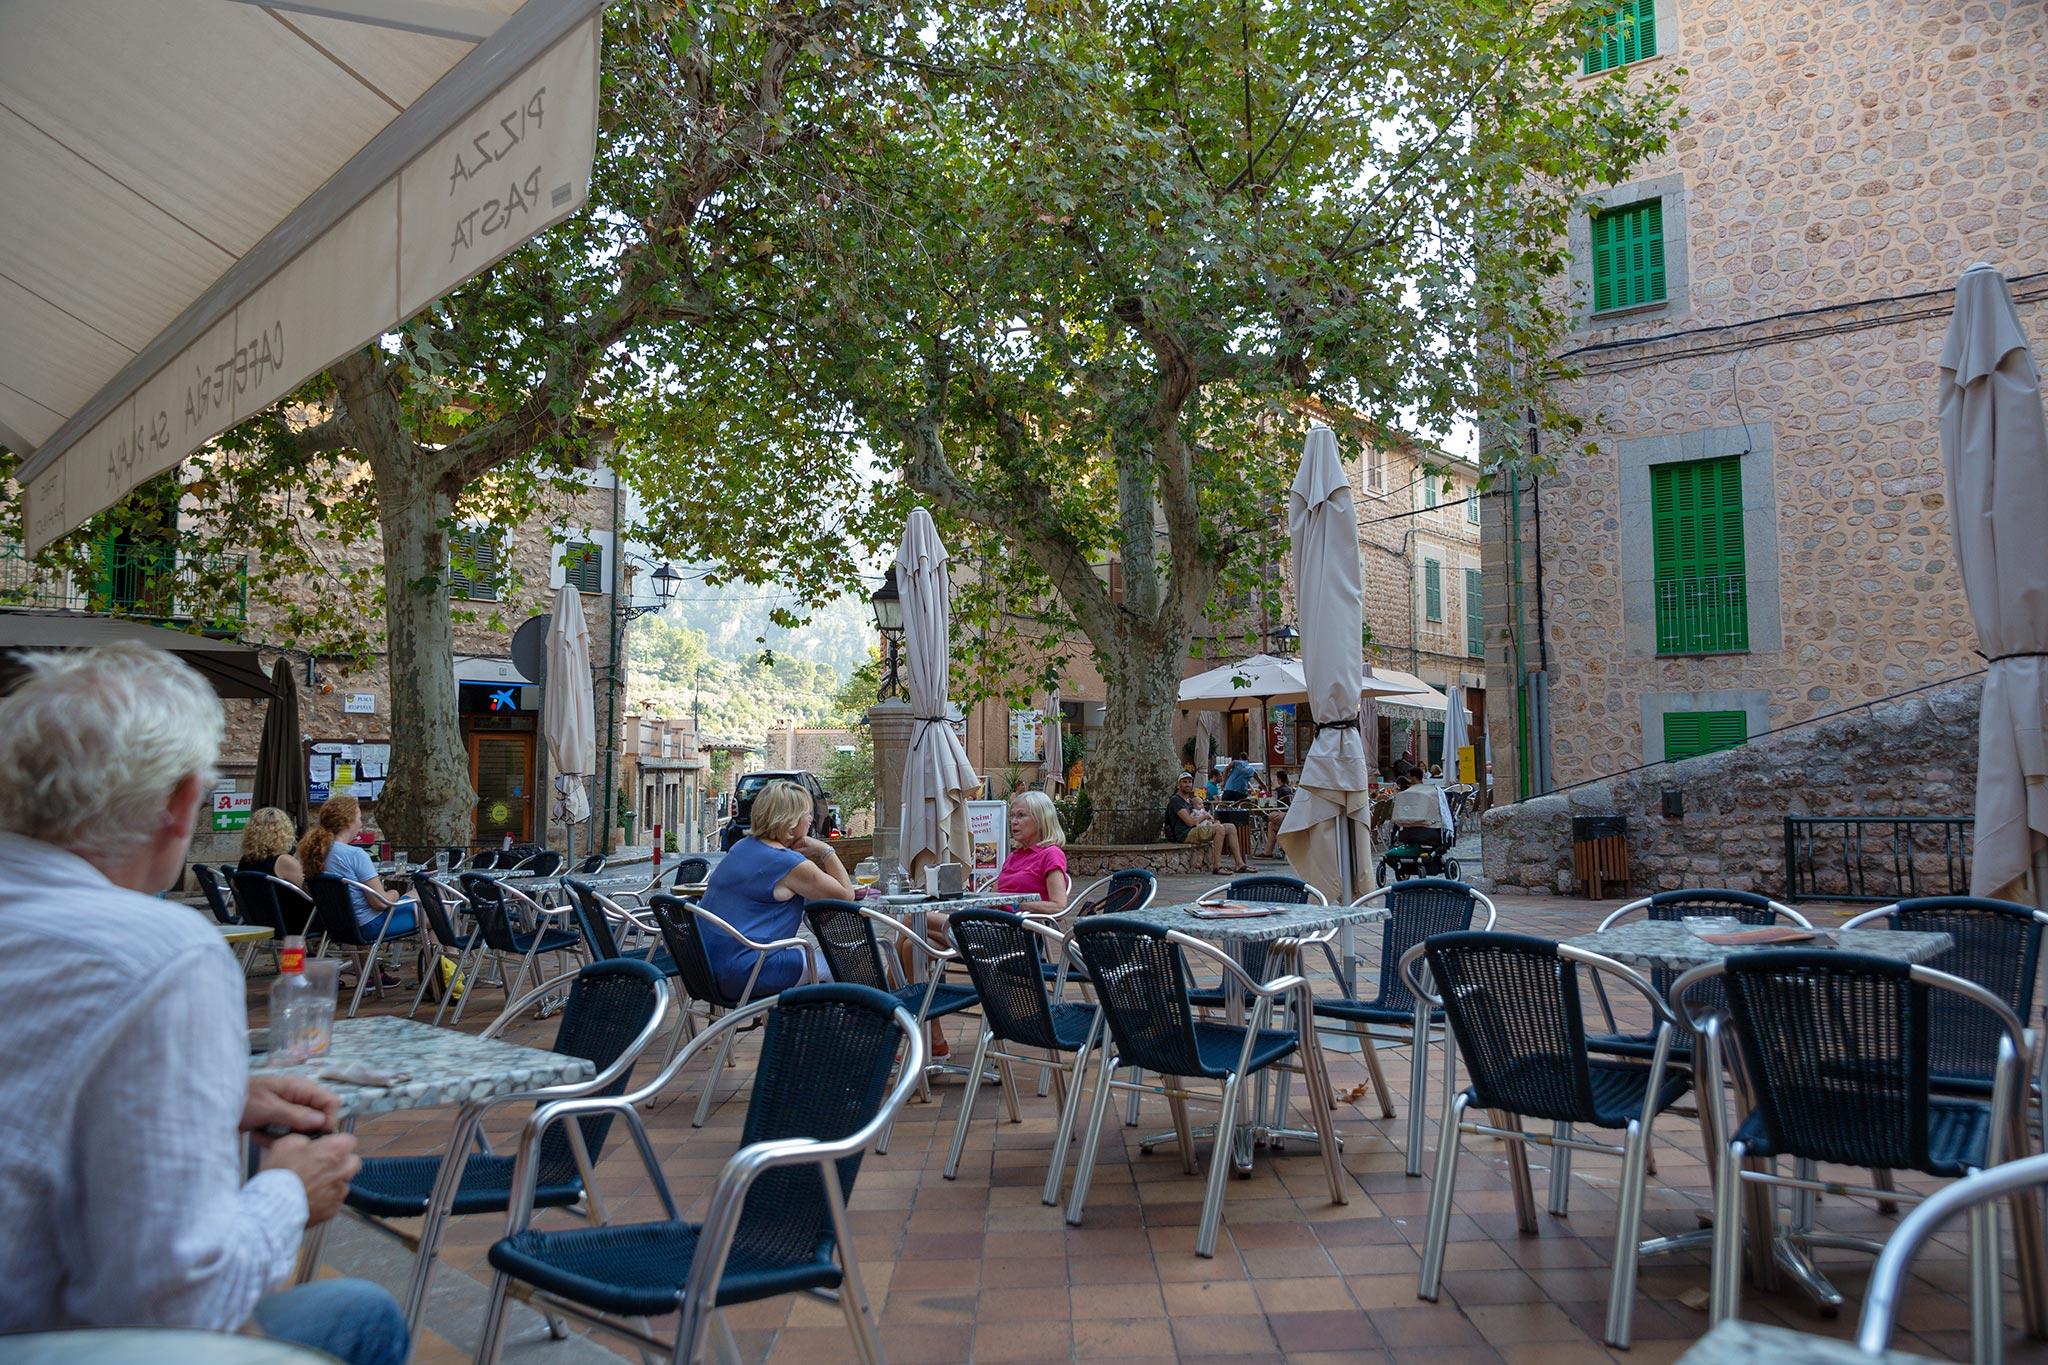 Plaça d'Espanya, Fornalutx © Tuulia Kolehmainen